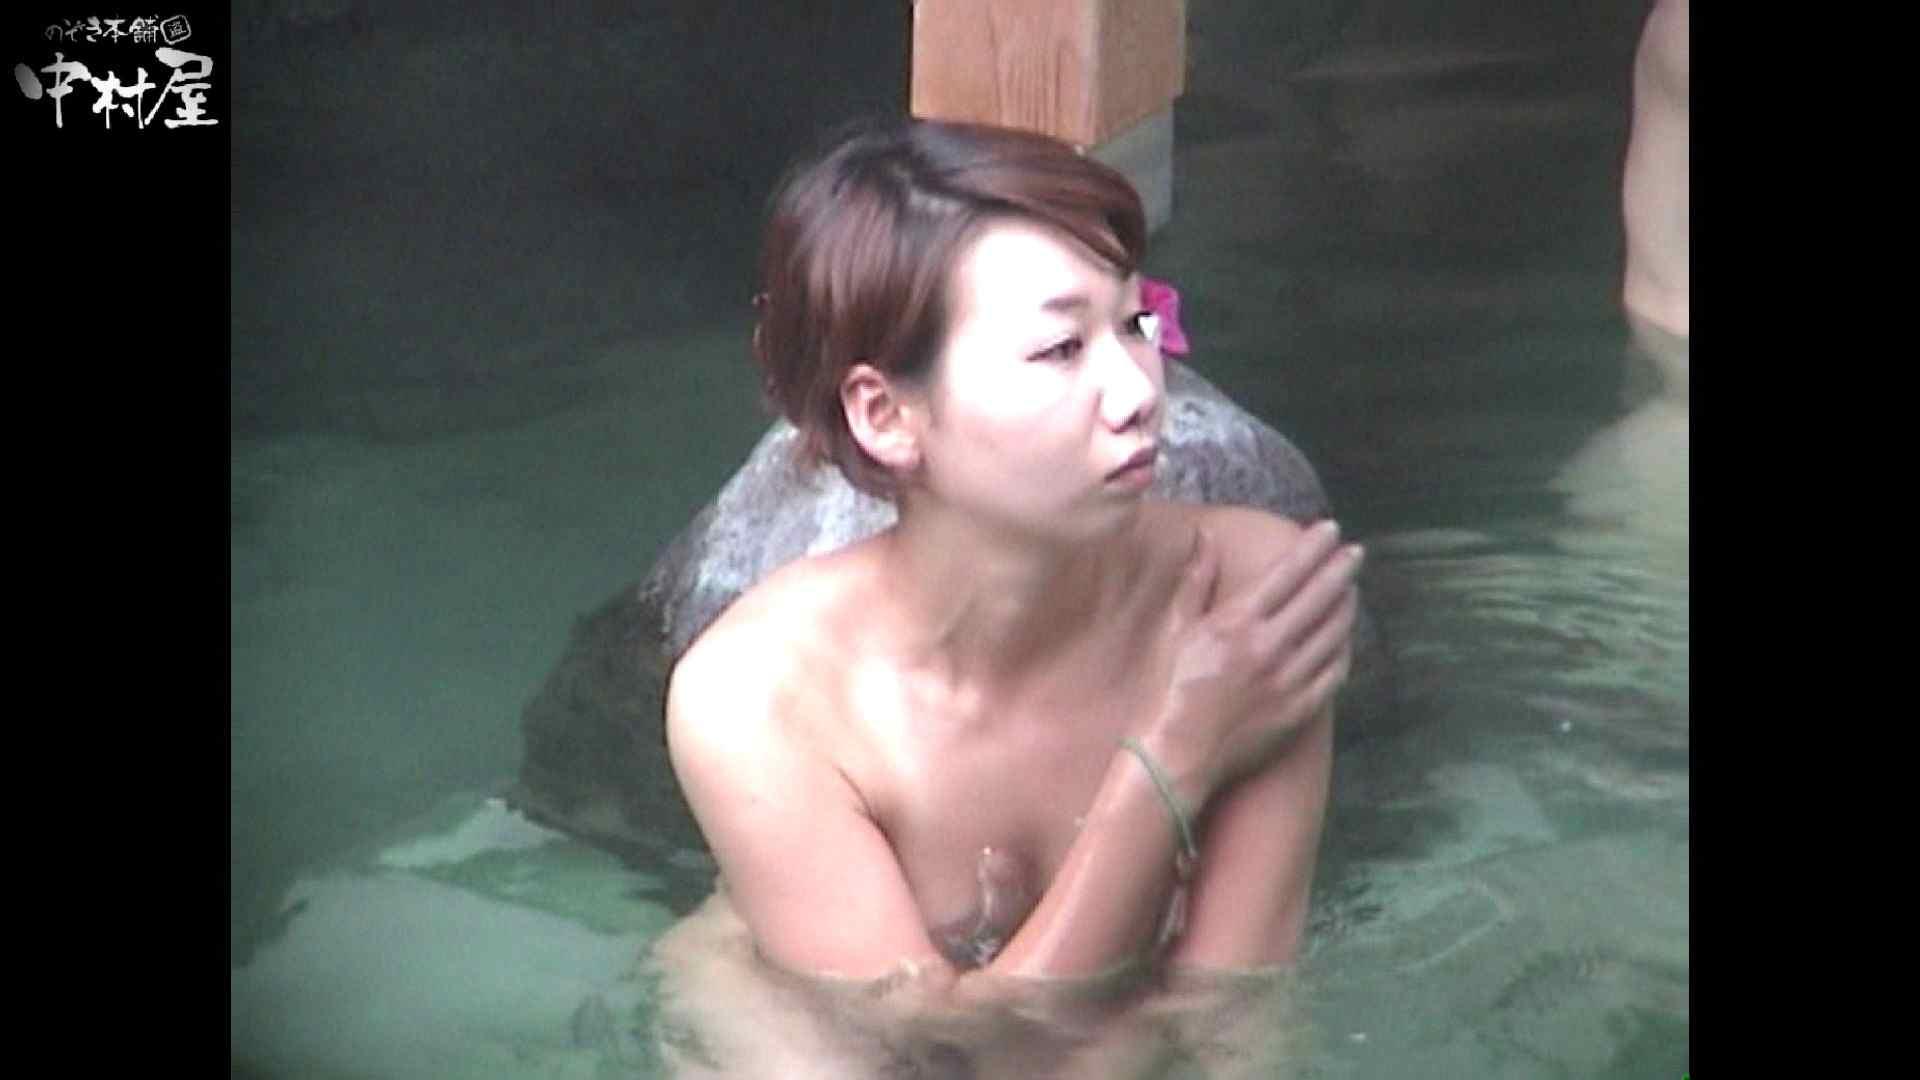 Aquaな露天風呂Vol.951 盗撮 | OLのエロ生活  80連発 10